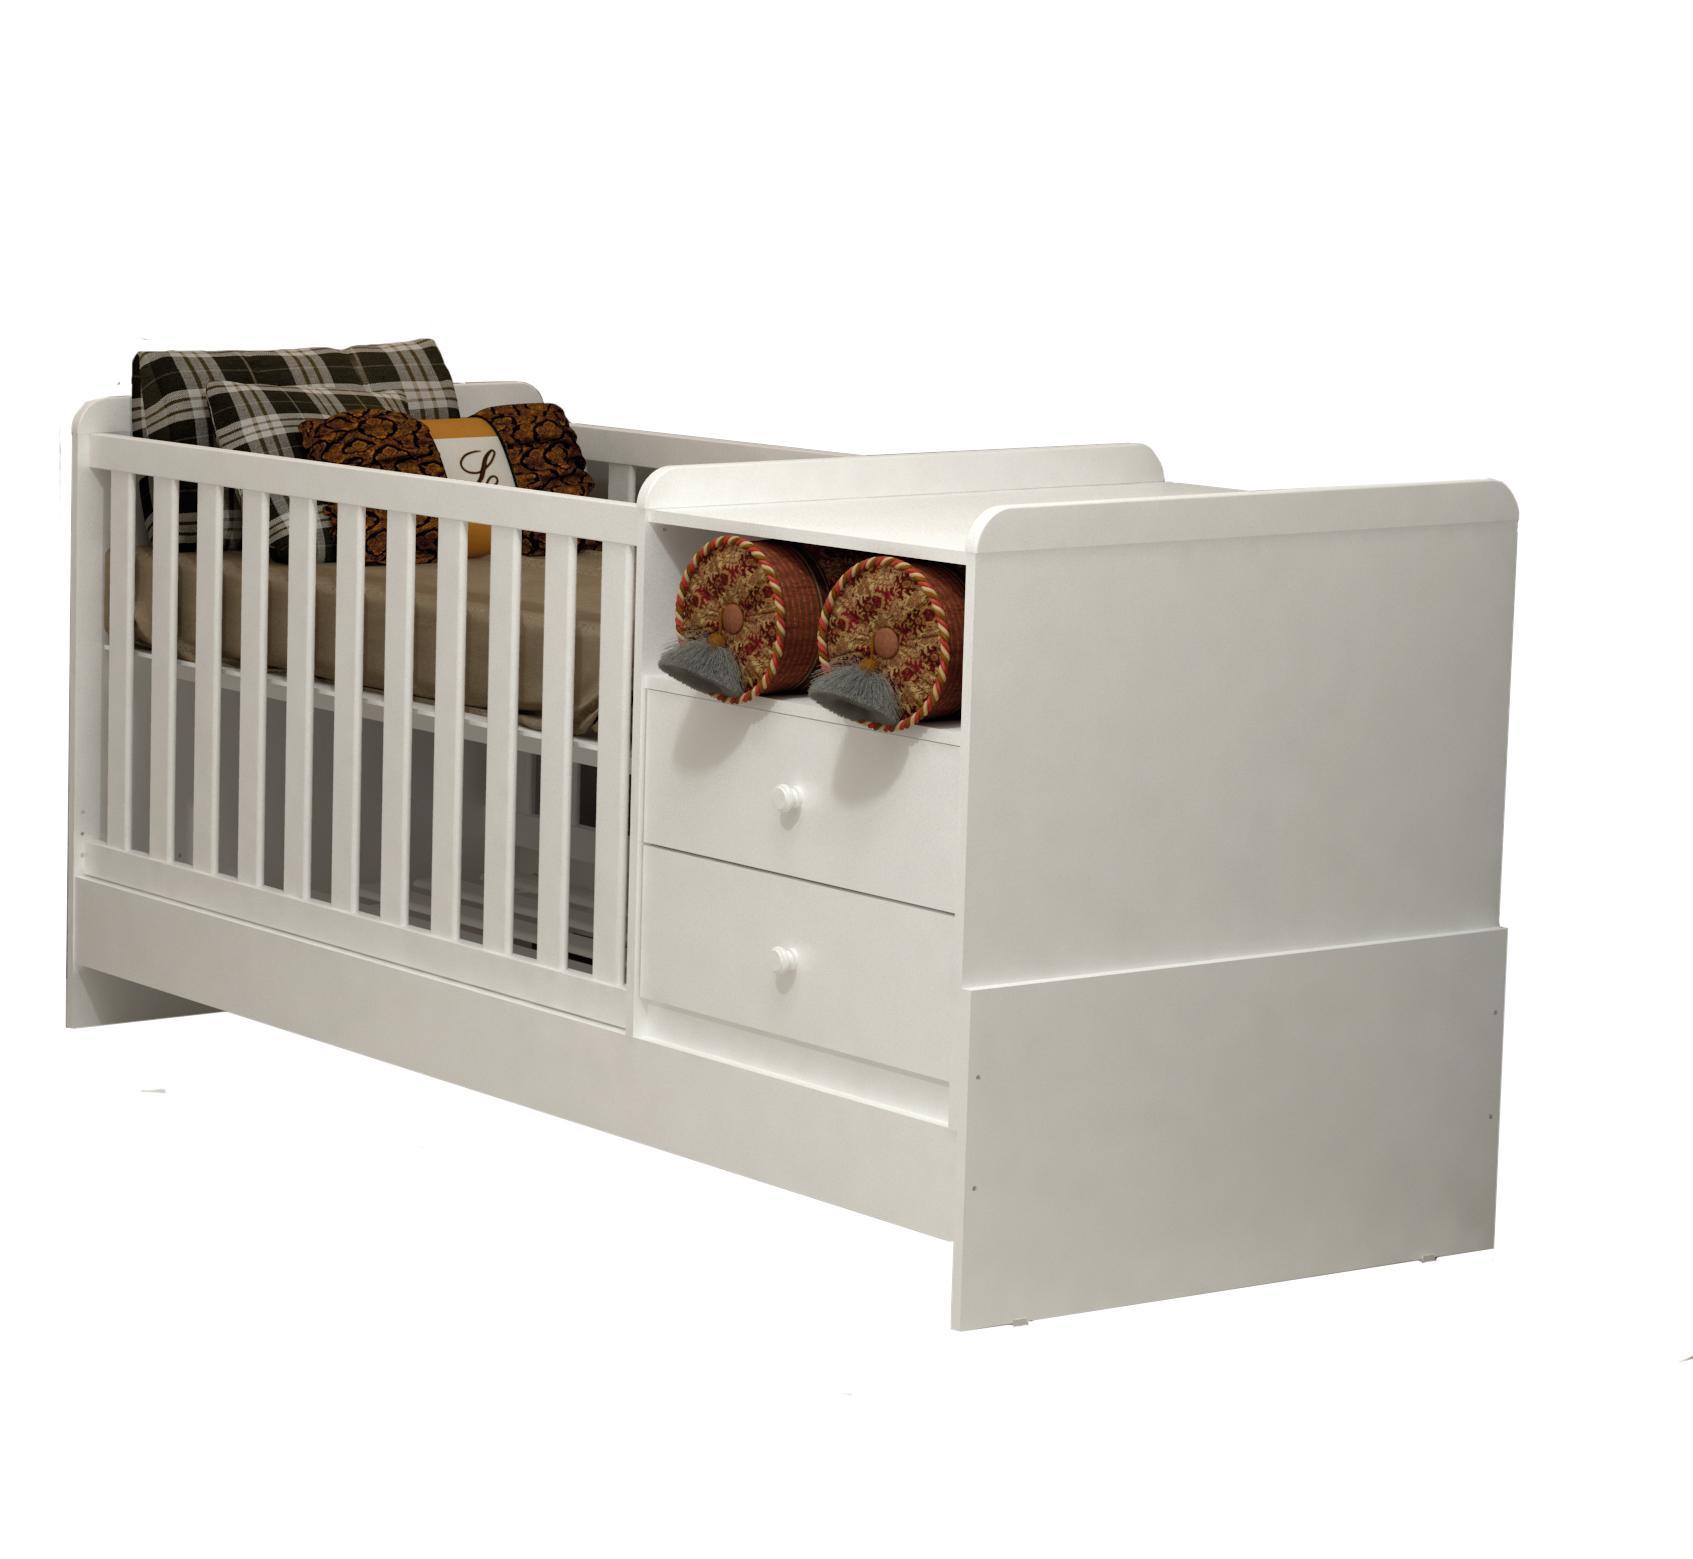 Quarto de Bebê Gran Selena 3 Portas com Berço Multifuncional Branco Brilho - Carolina